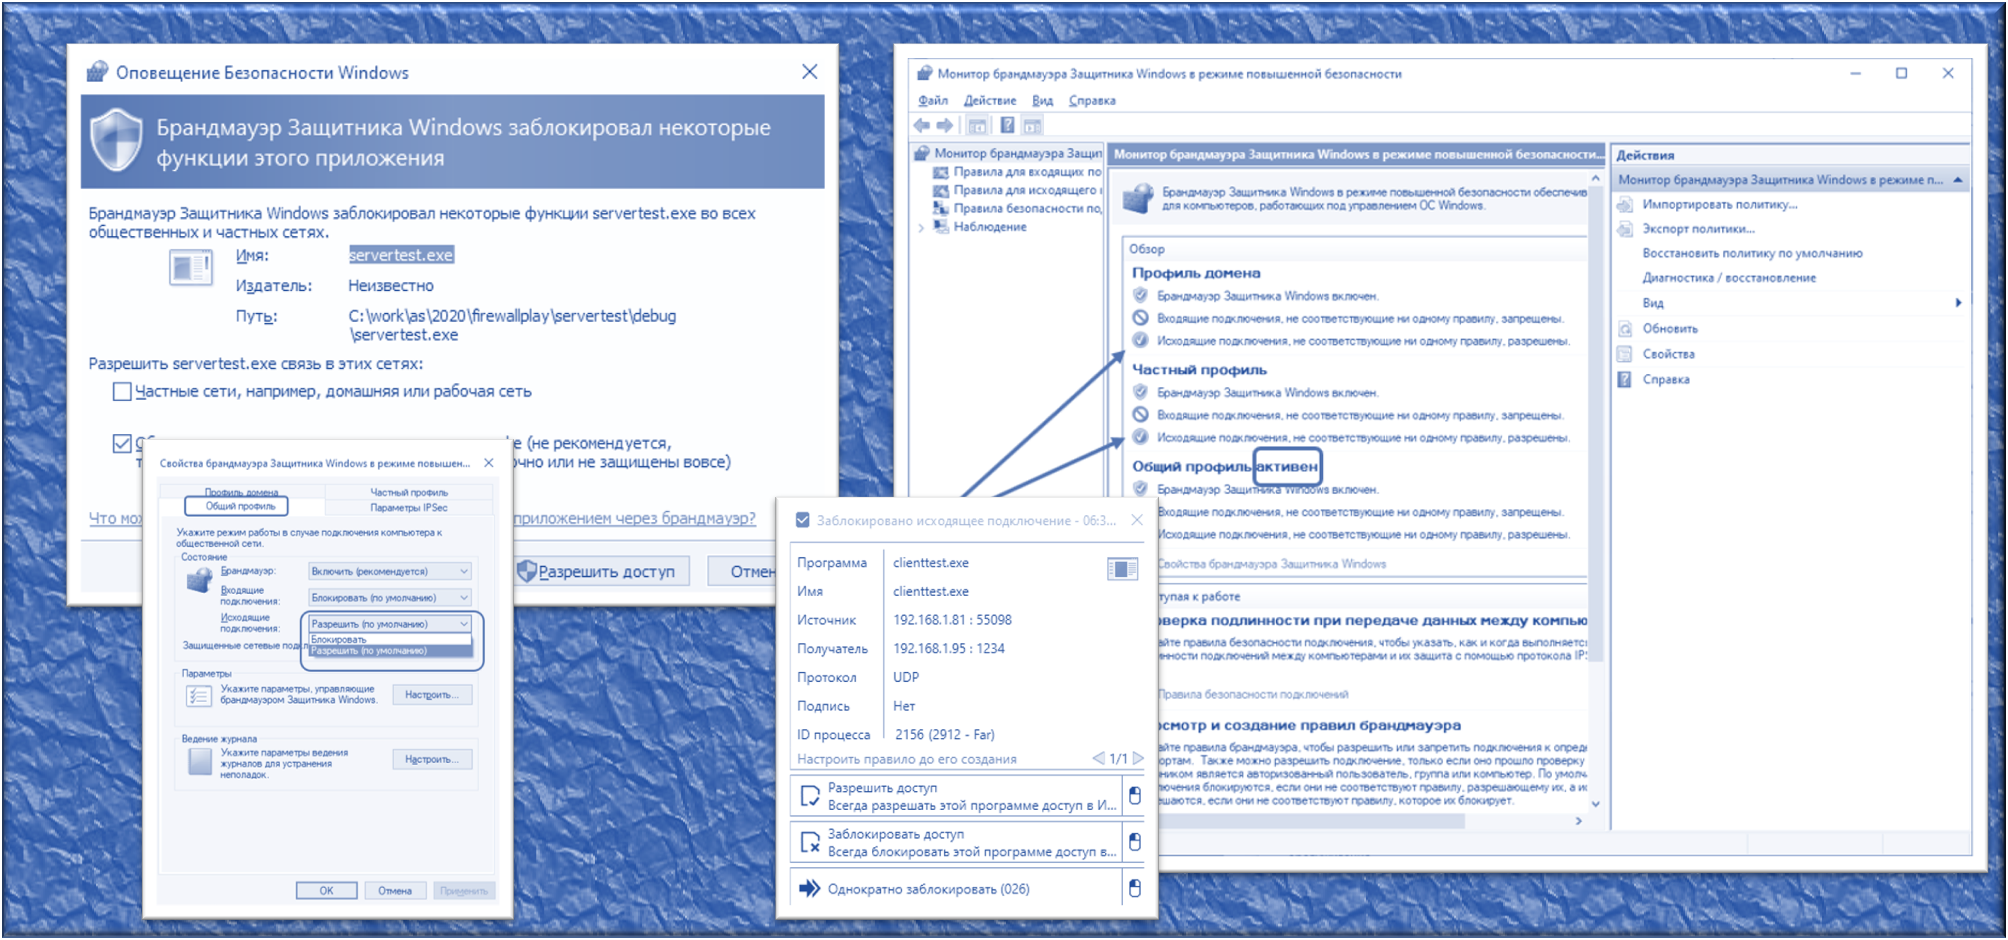 Неожиданные детали работы Windows Firewall, настроенного по умолчанию. И эксперименты по перенастройке